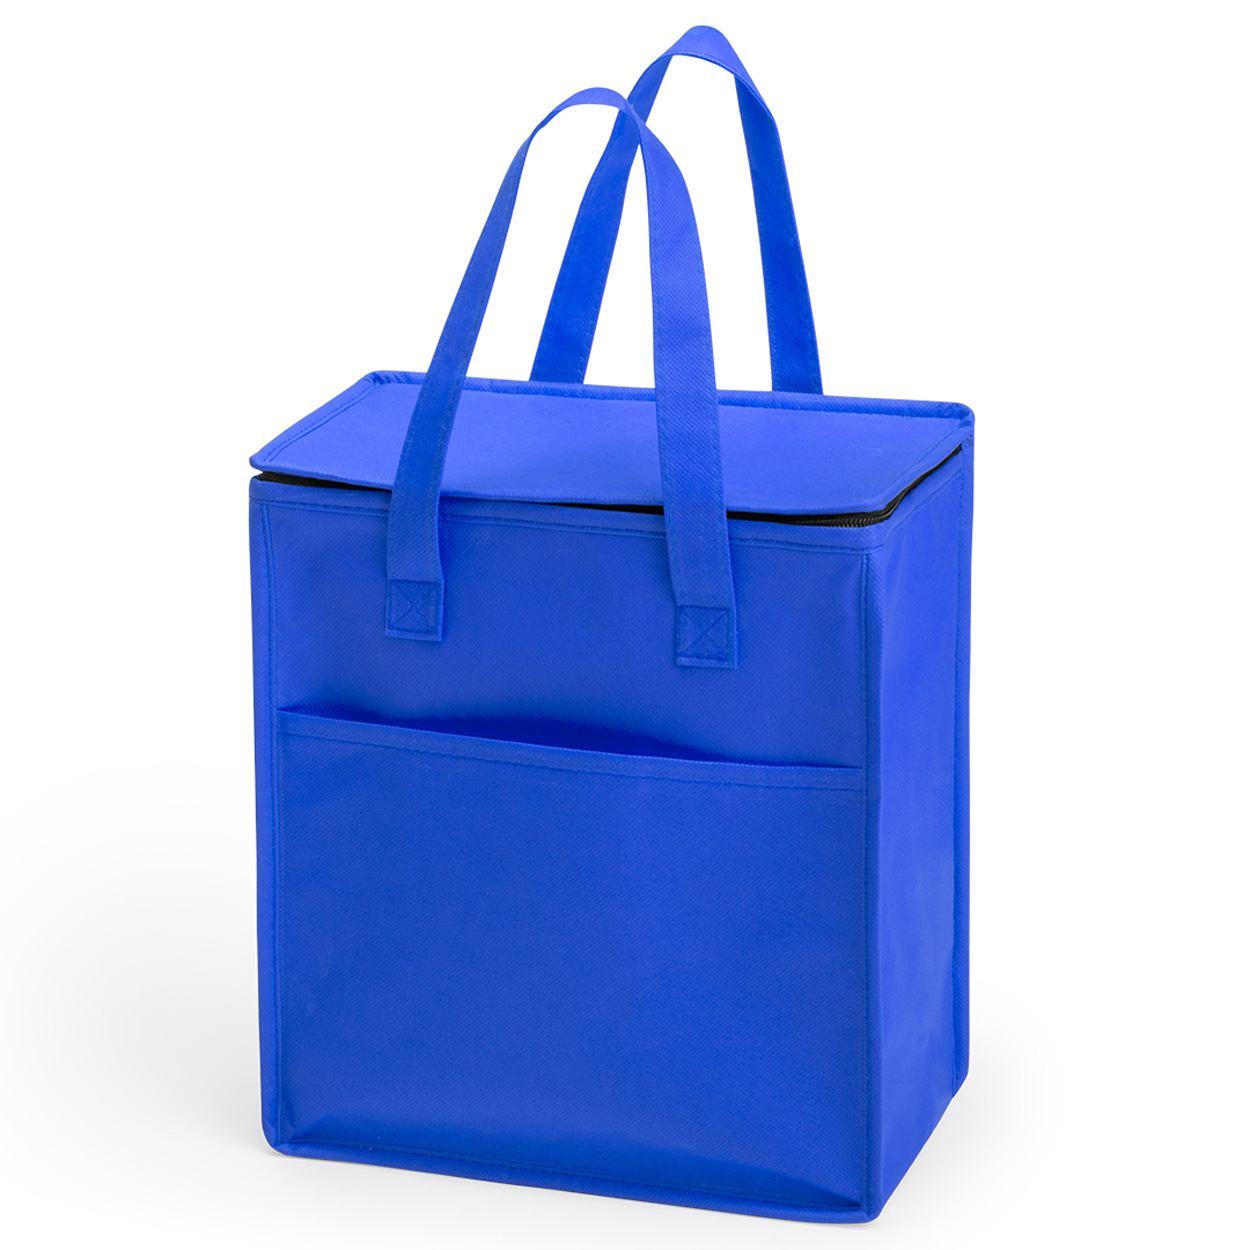 Lans chladící taška